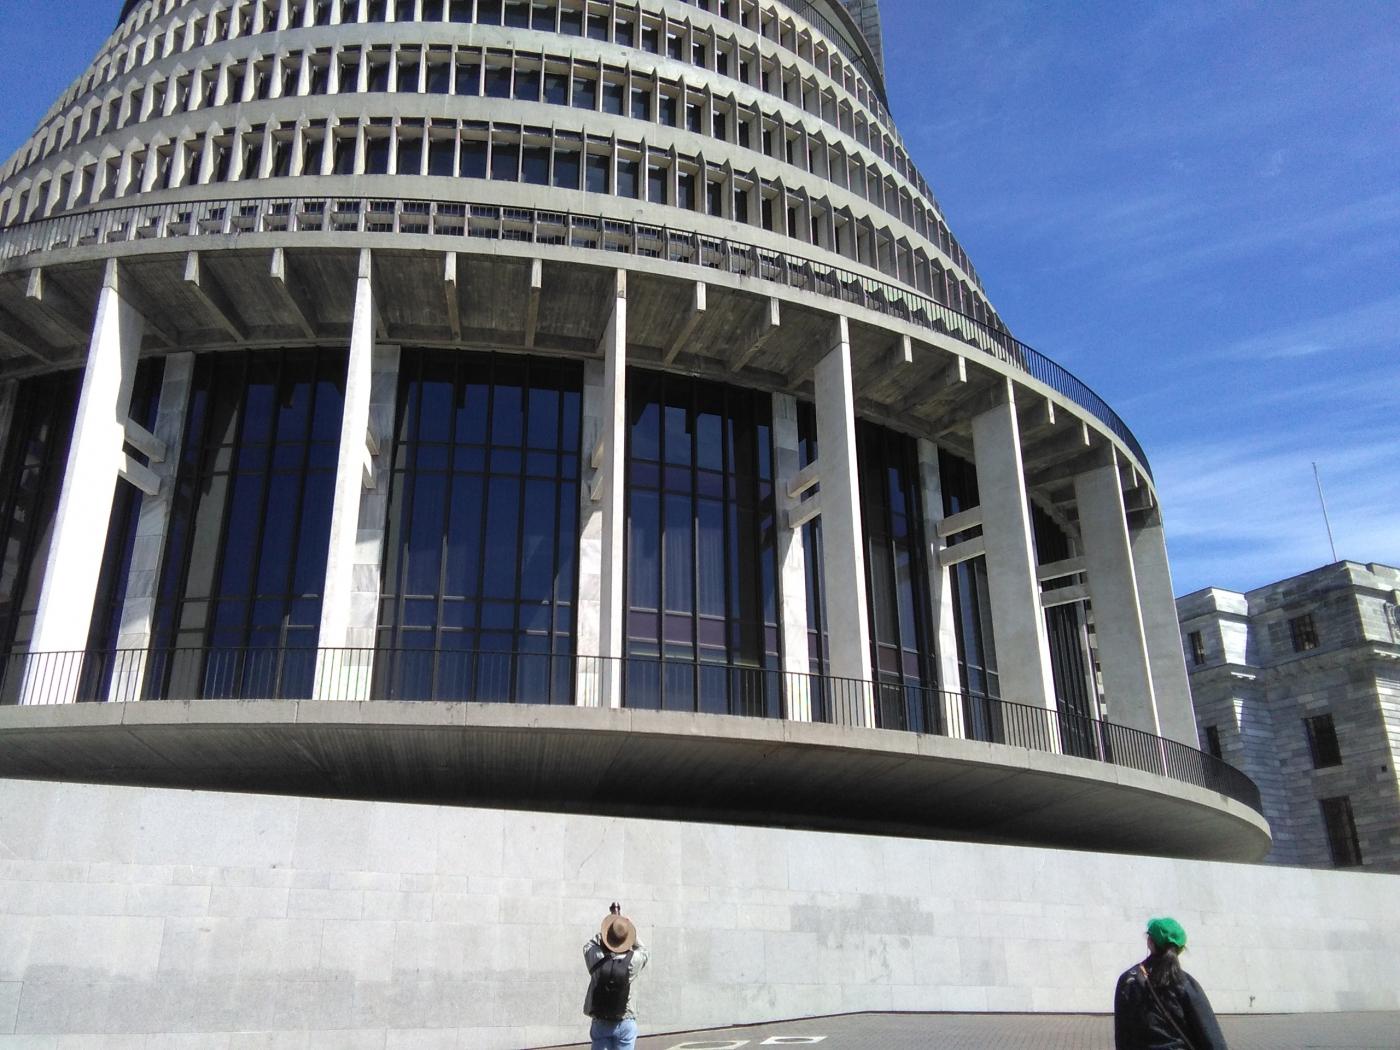 新西兰首都惠灵顿街景_图1-1